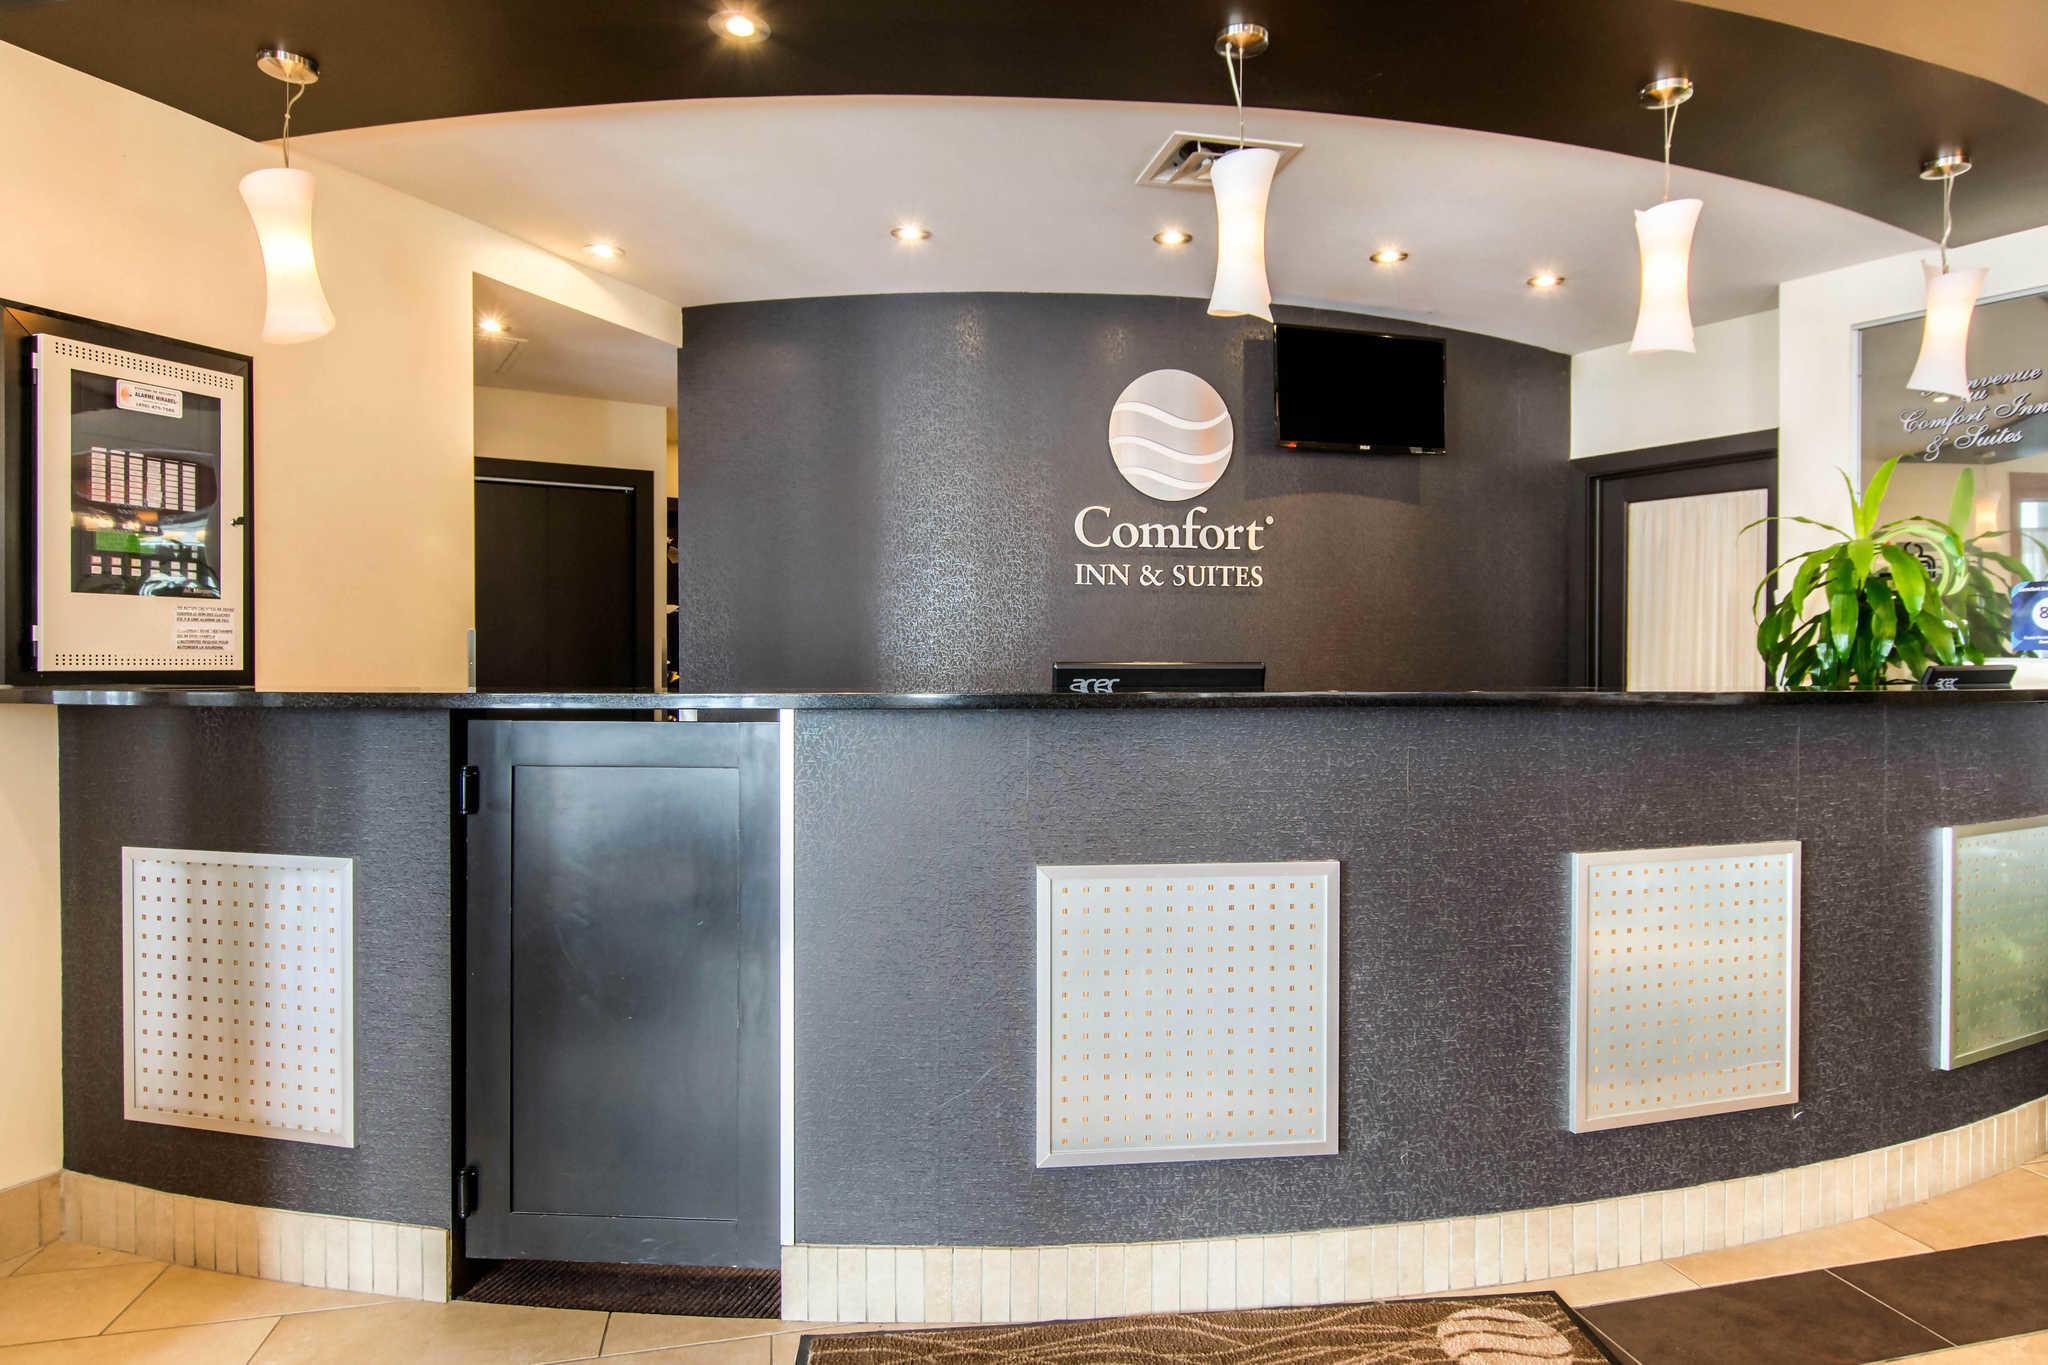 Comfort Inn & Suites à Saint-Jerome